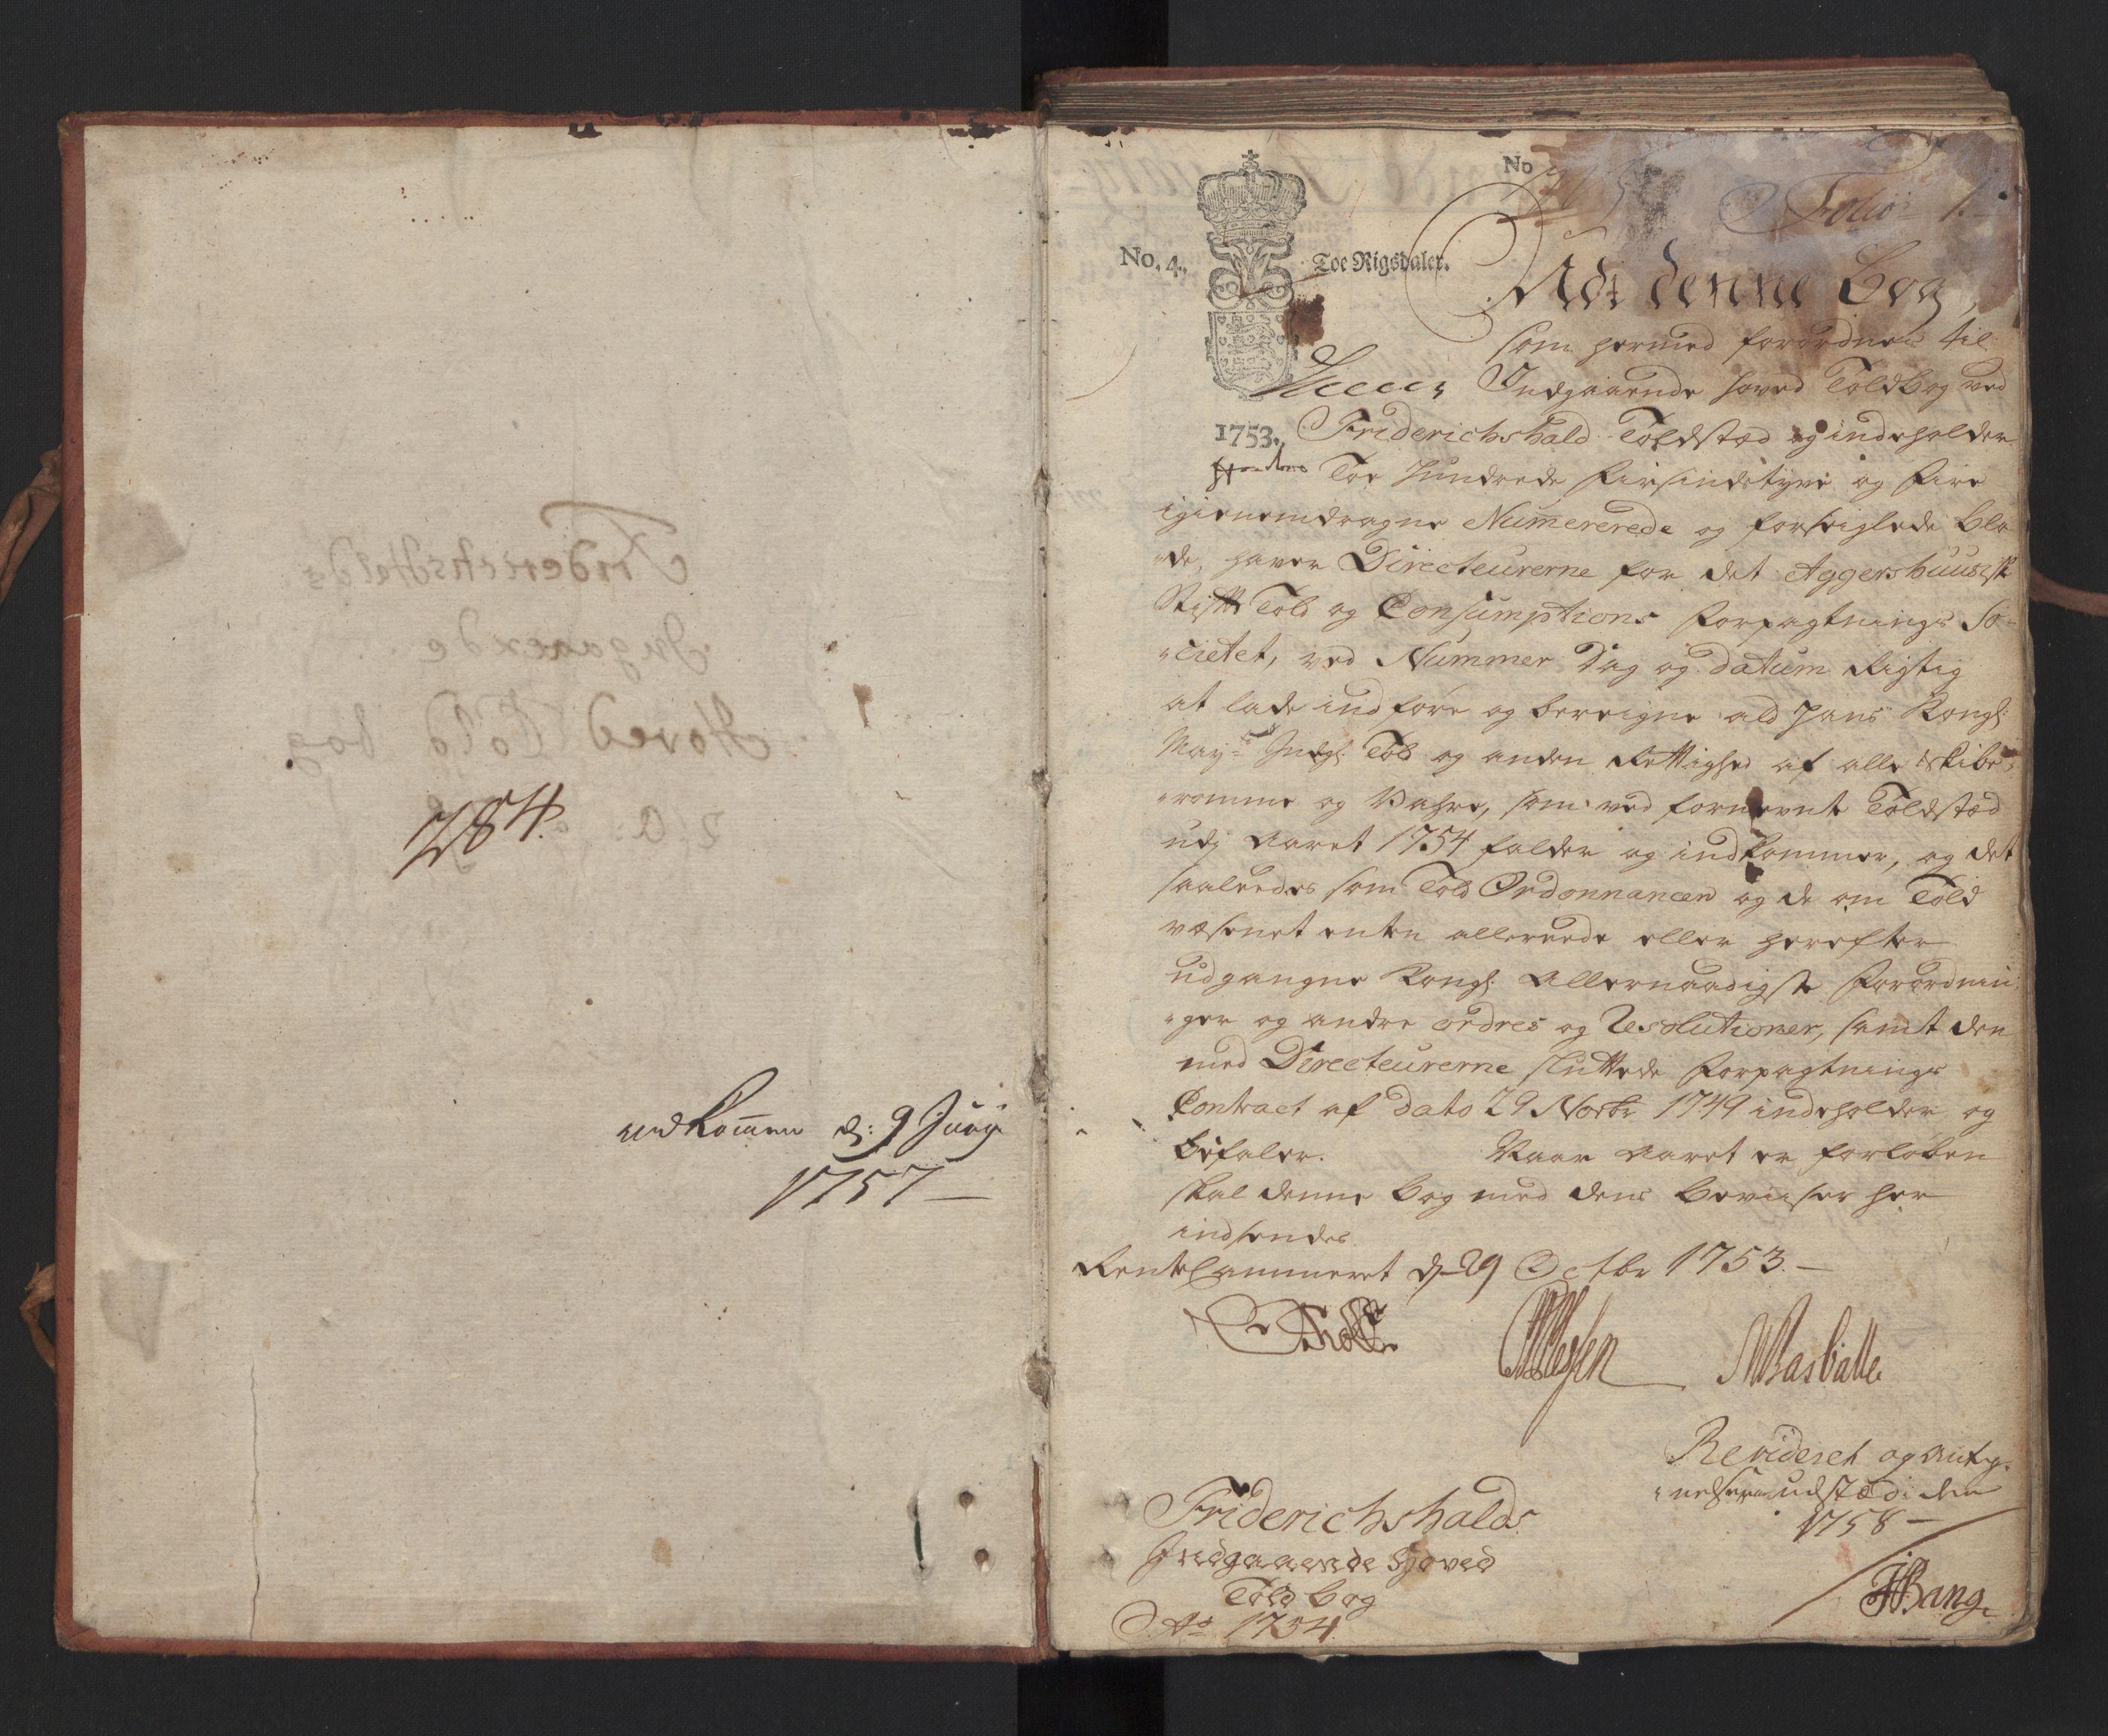 RA, Generaltollkammeret, tollregnskaper, R01/L0022: Tollregnskaper Fredrikshald, 1754